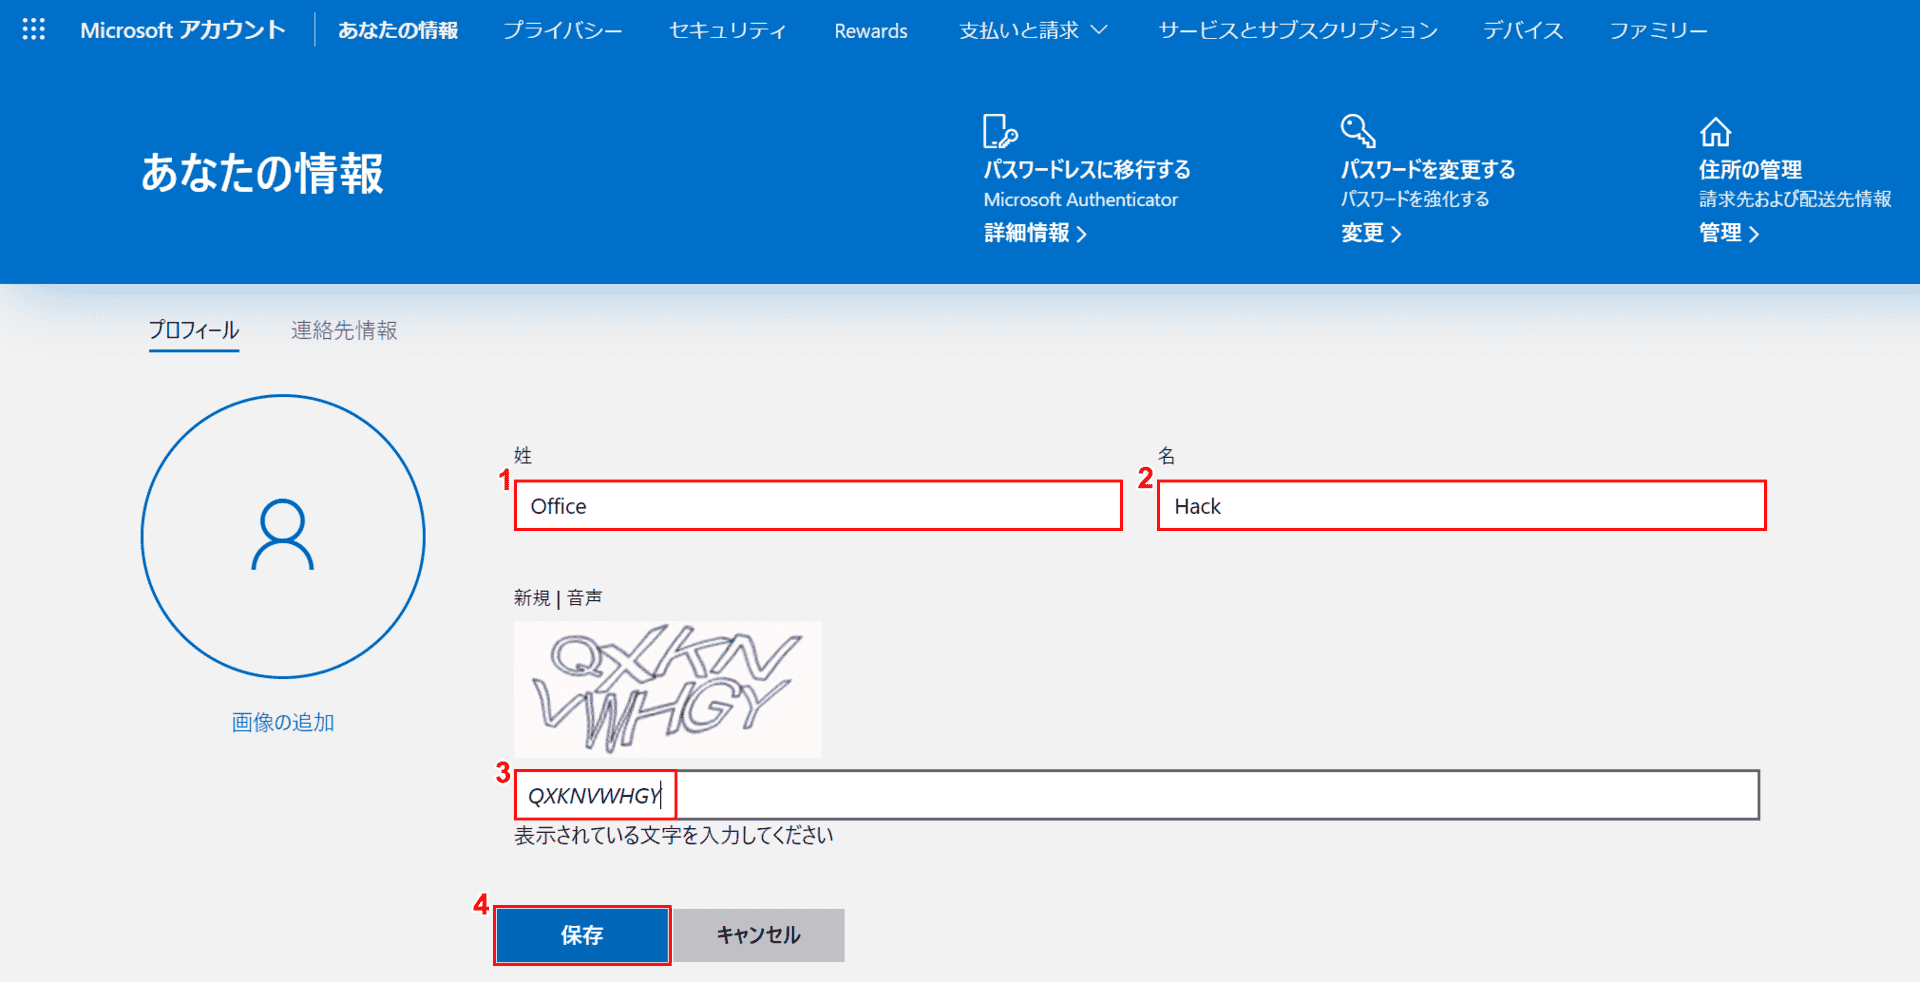 ユーザー名の変更入力